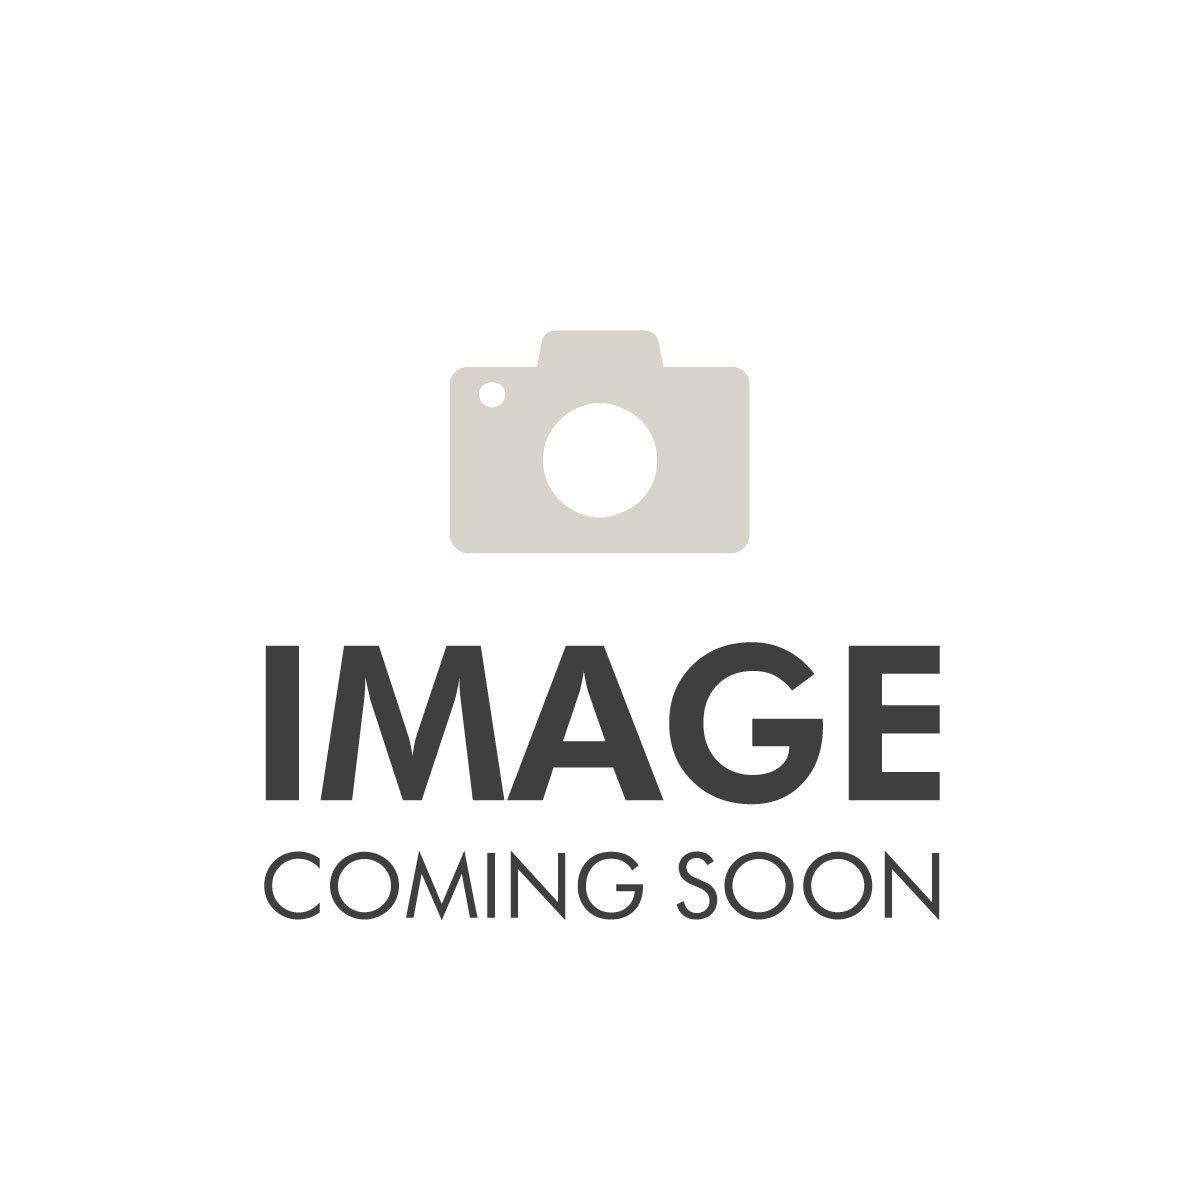 PBT - Mask Elastic Strap - 2018